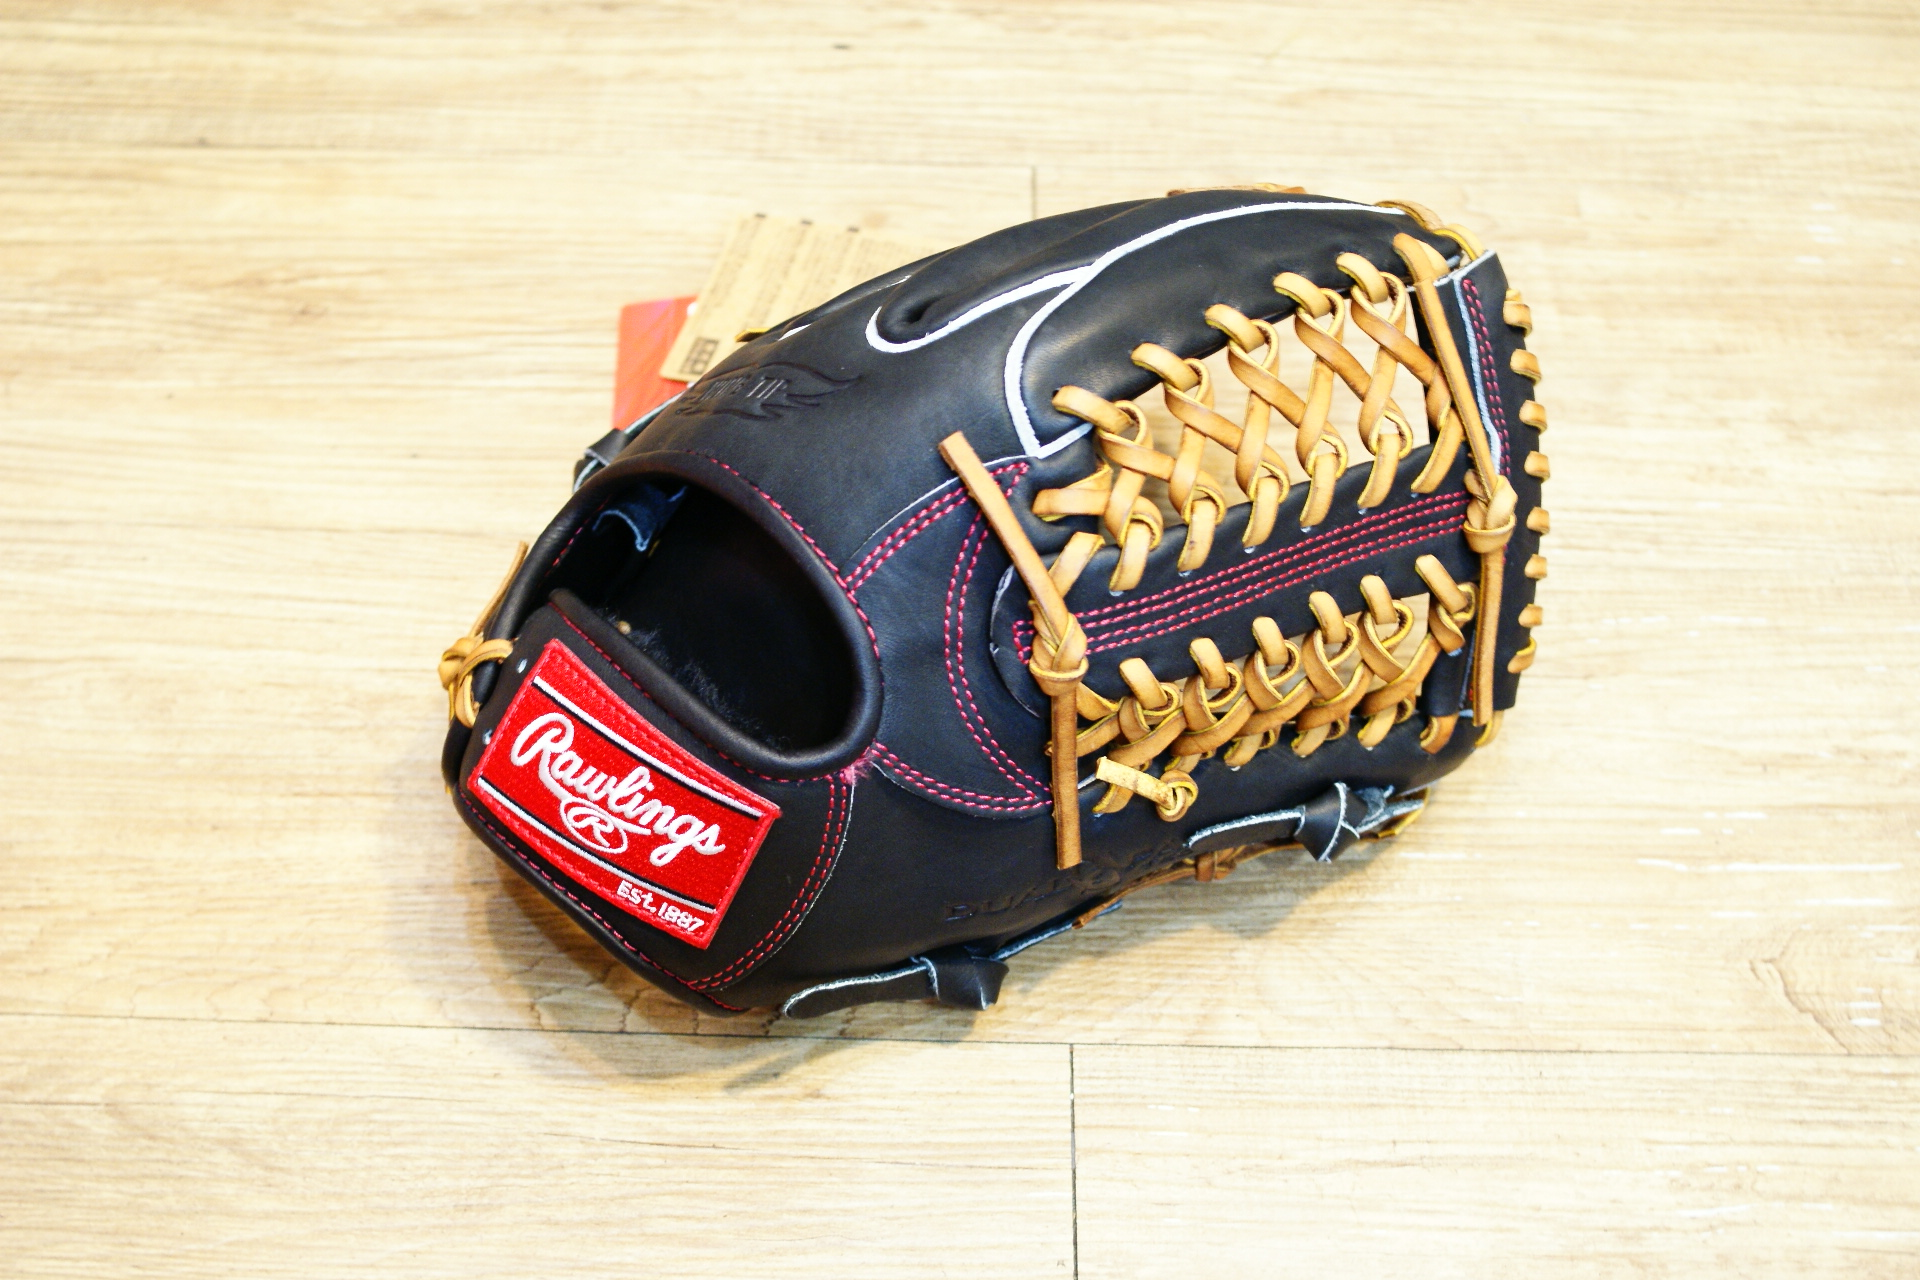 棒球世界全新日本進口Rawlings硬式 棒球用手套 11.75吋 特價